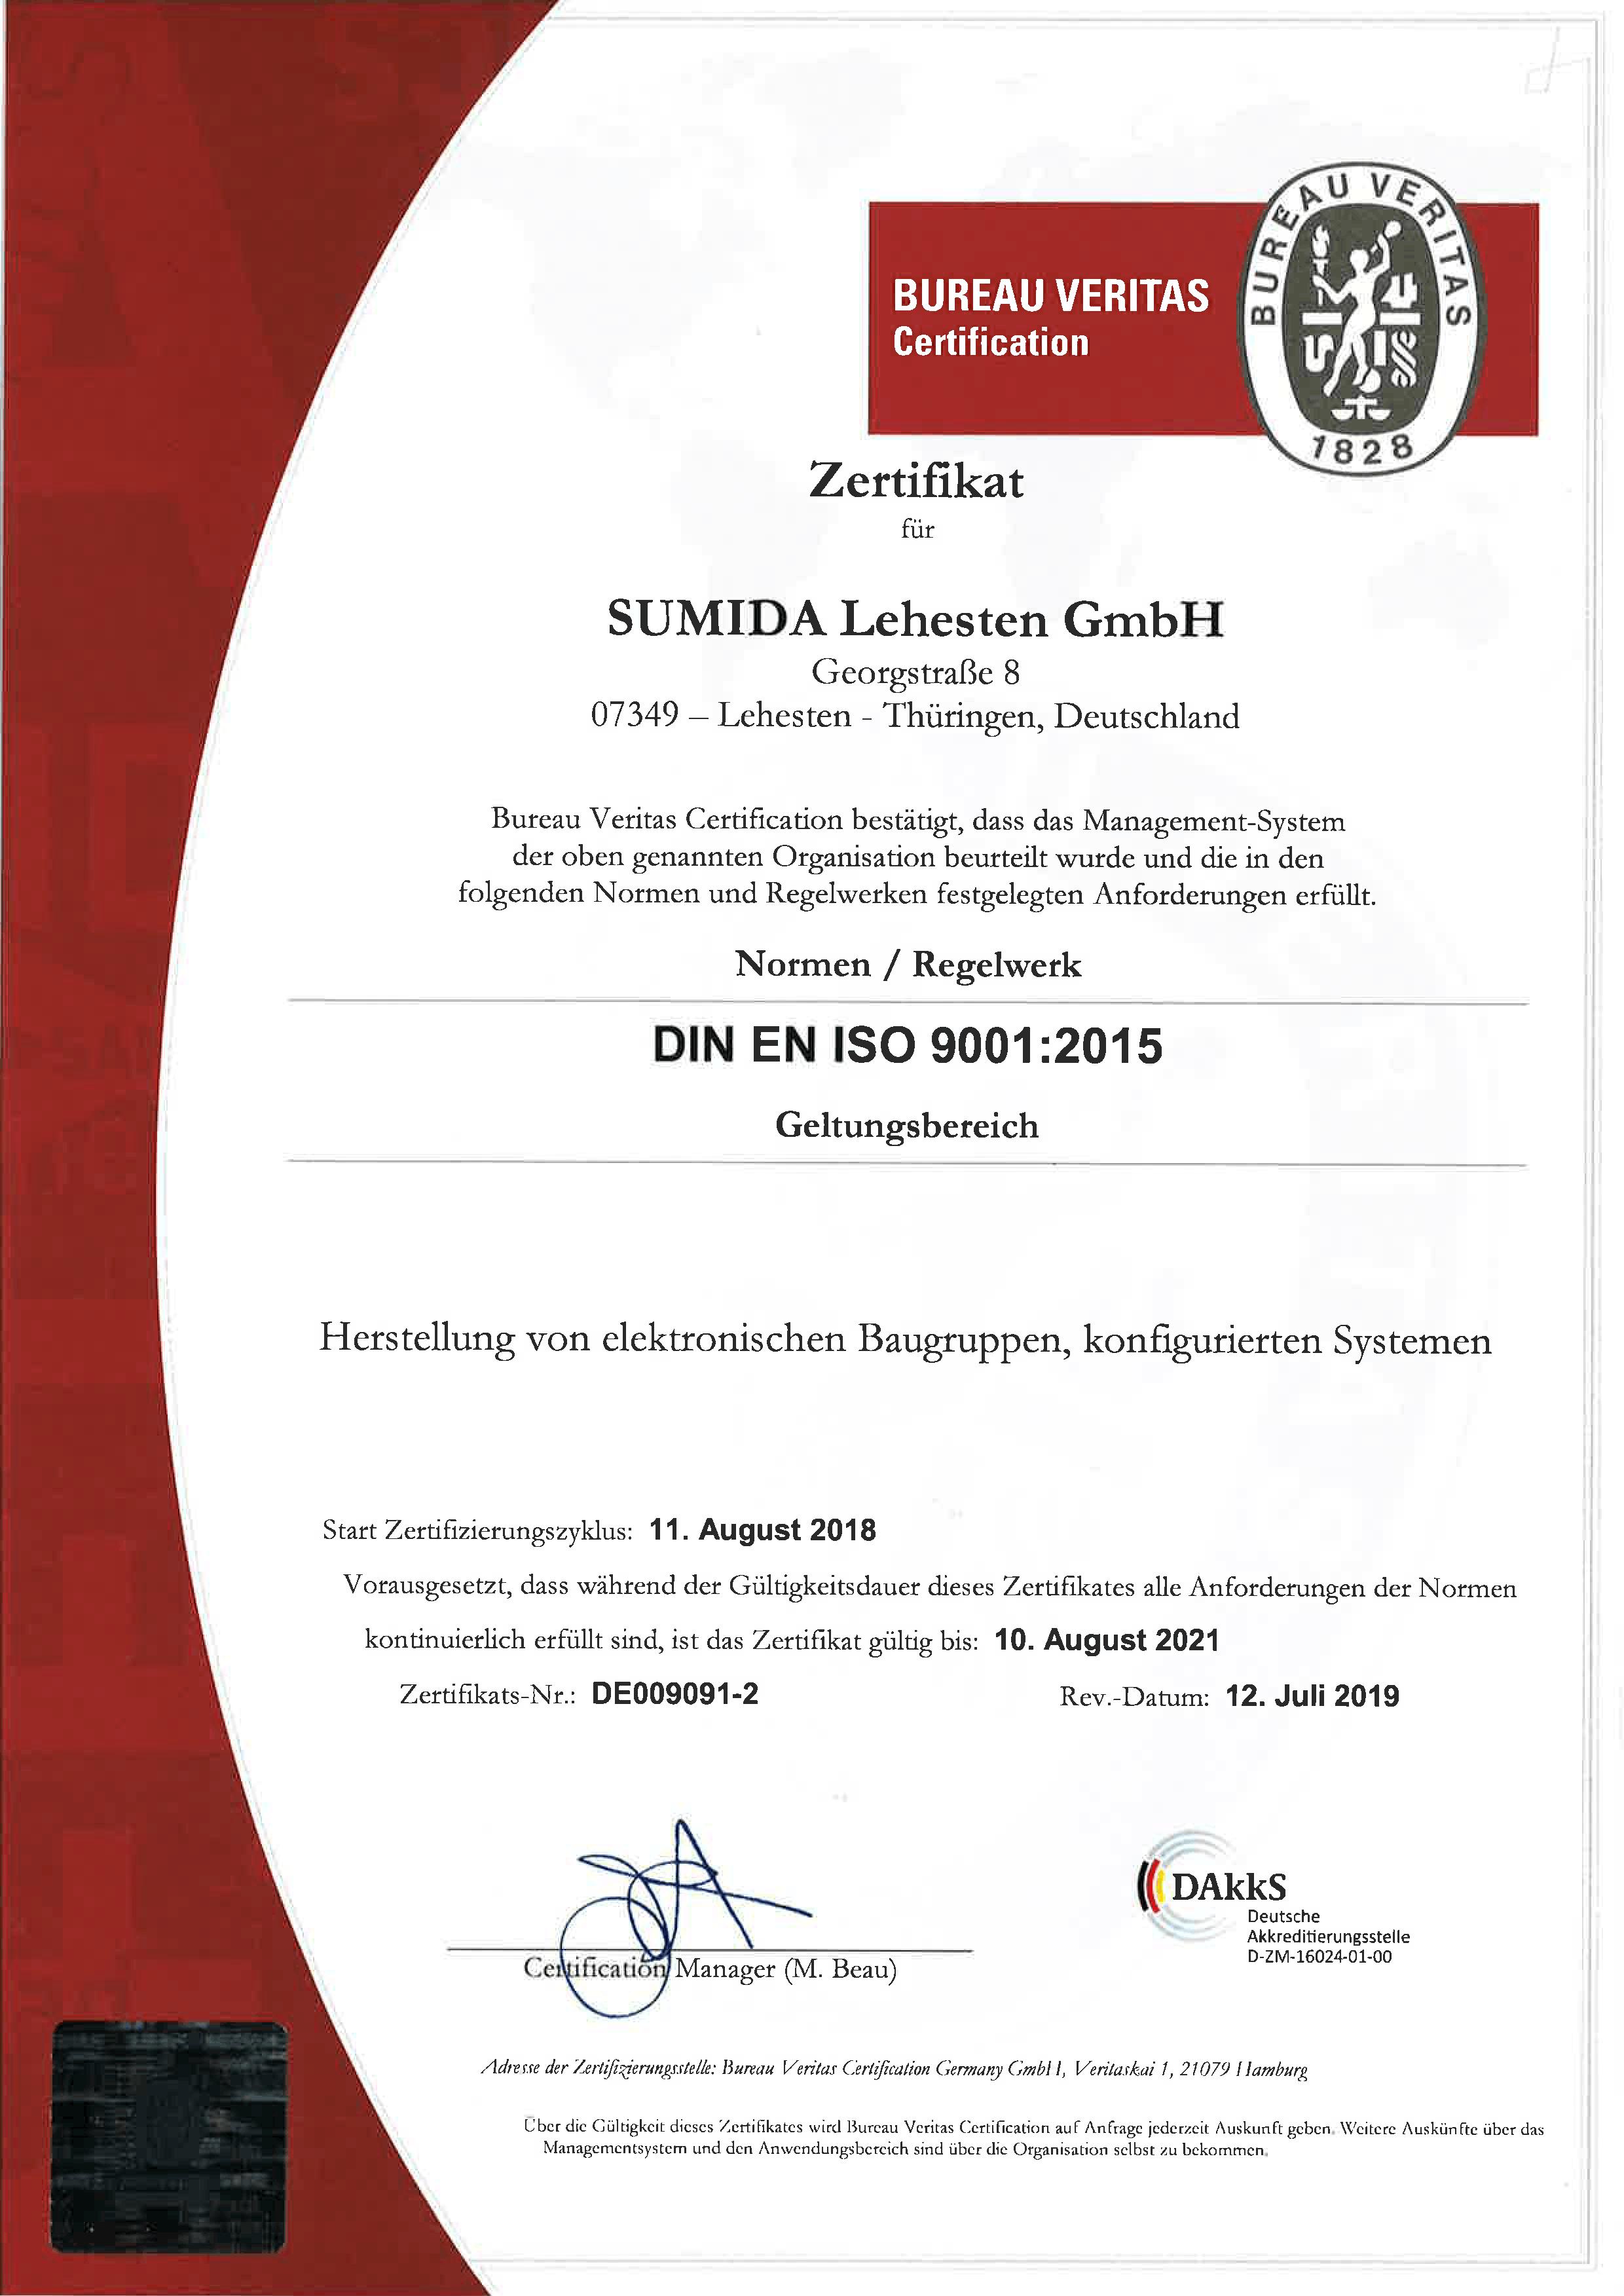 Zertifikat ISO 9001 SUMIDA Lehesten GmbH RA 2018 DE009081 1 DE Rev